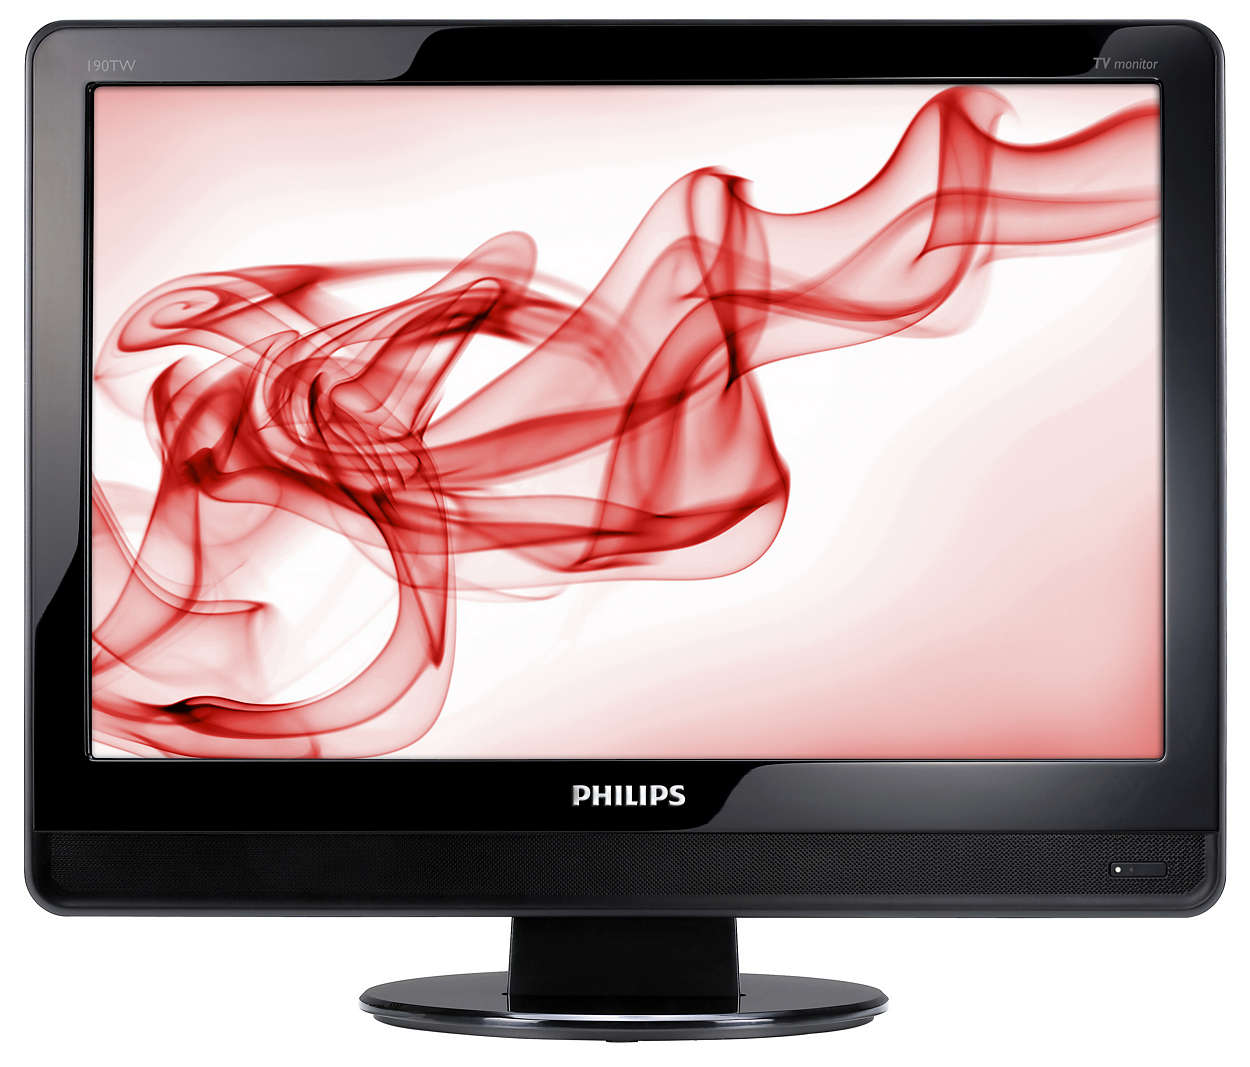 Zeer stijlvolle digitale monitor voor HD-TV